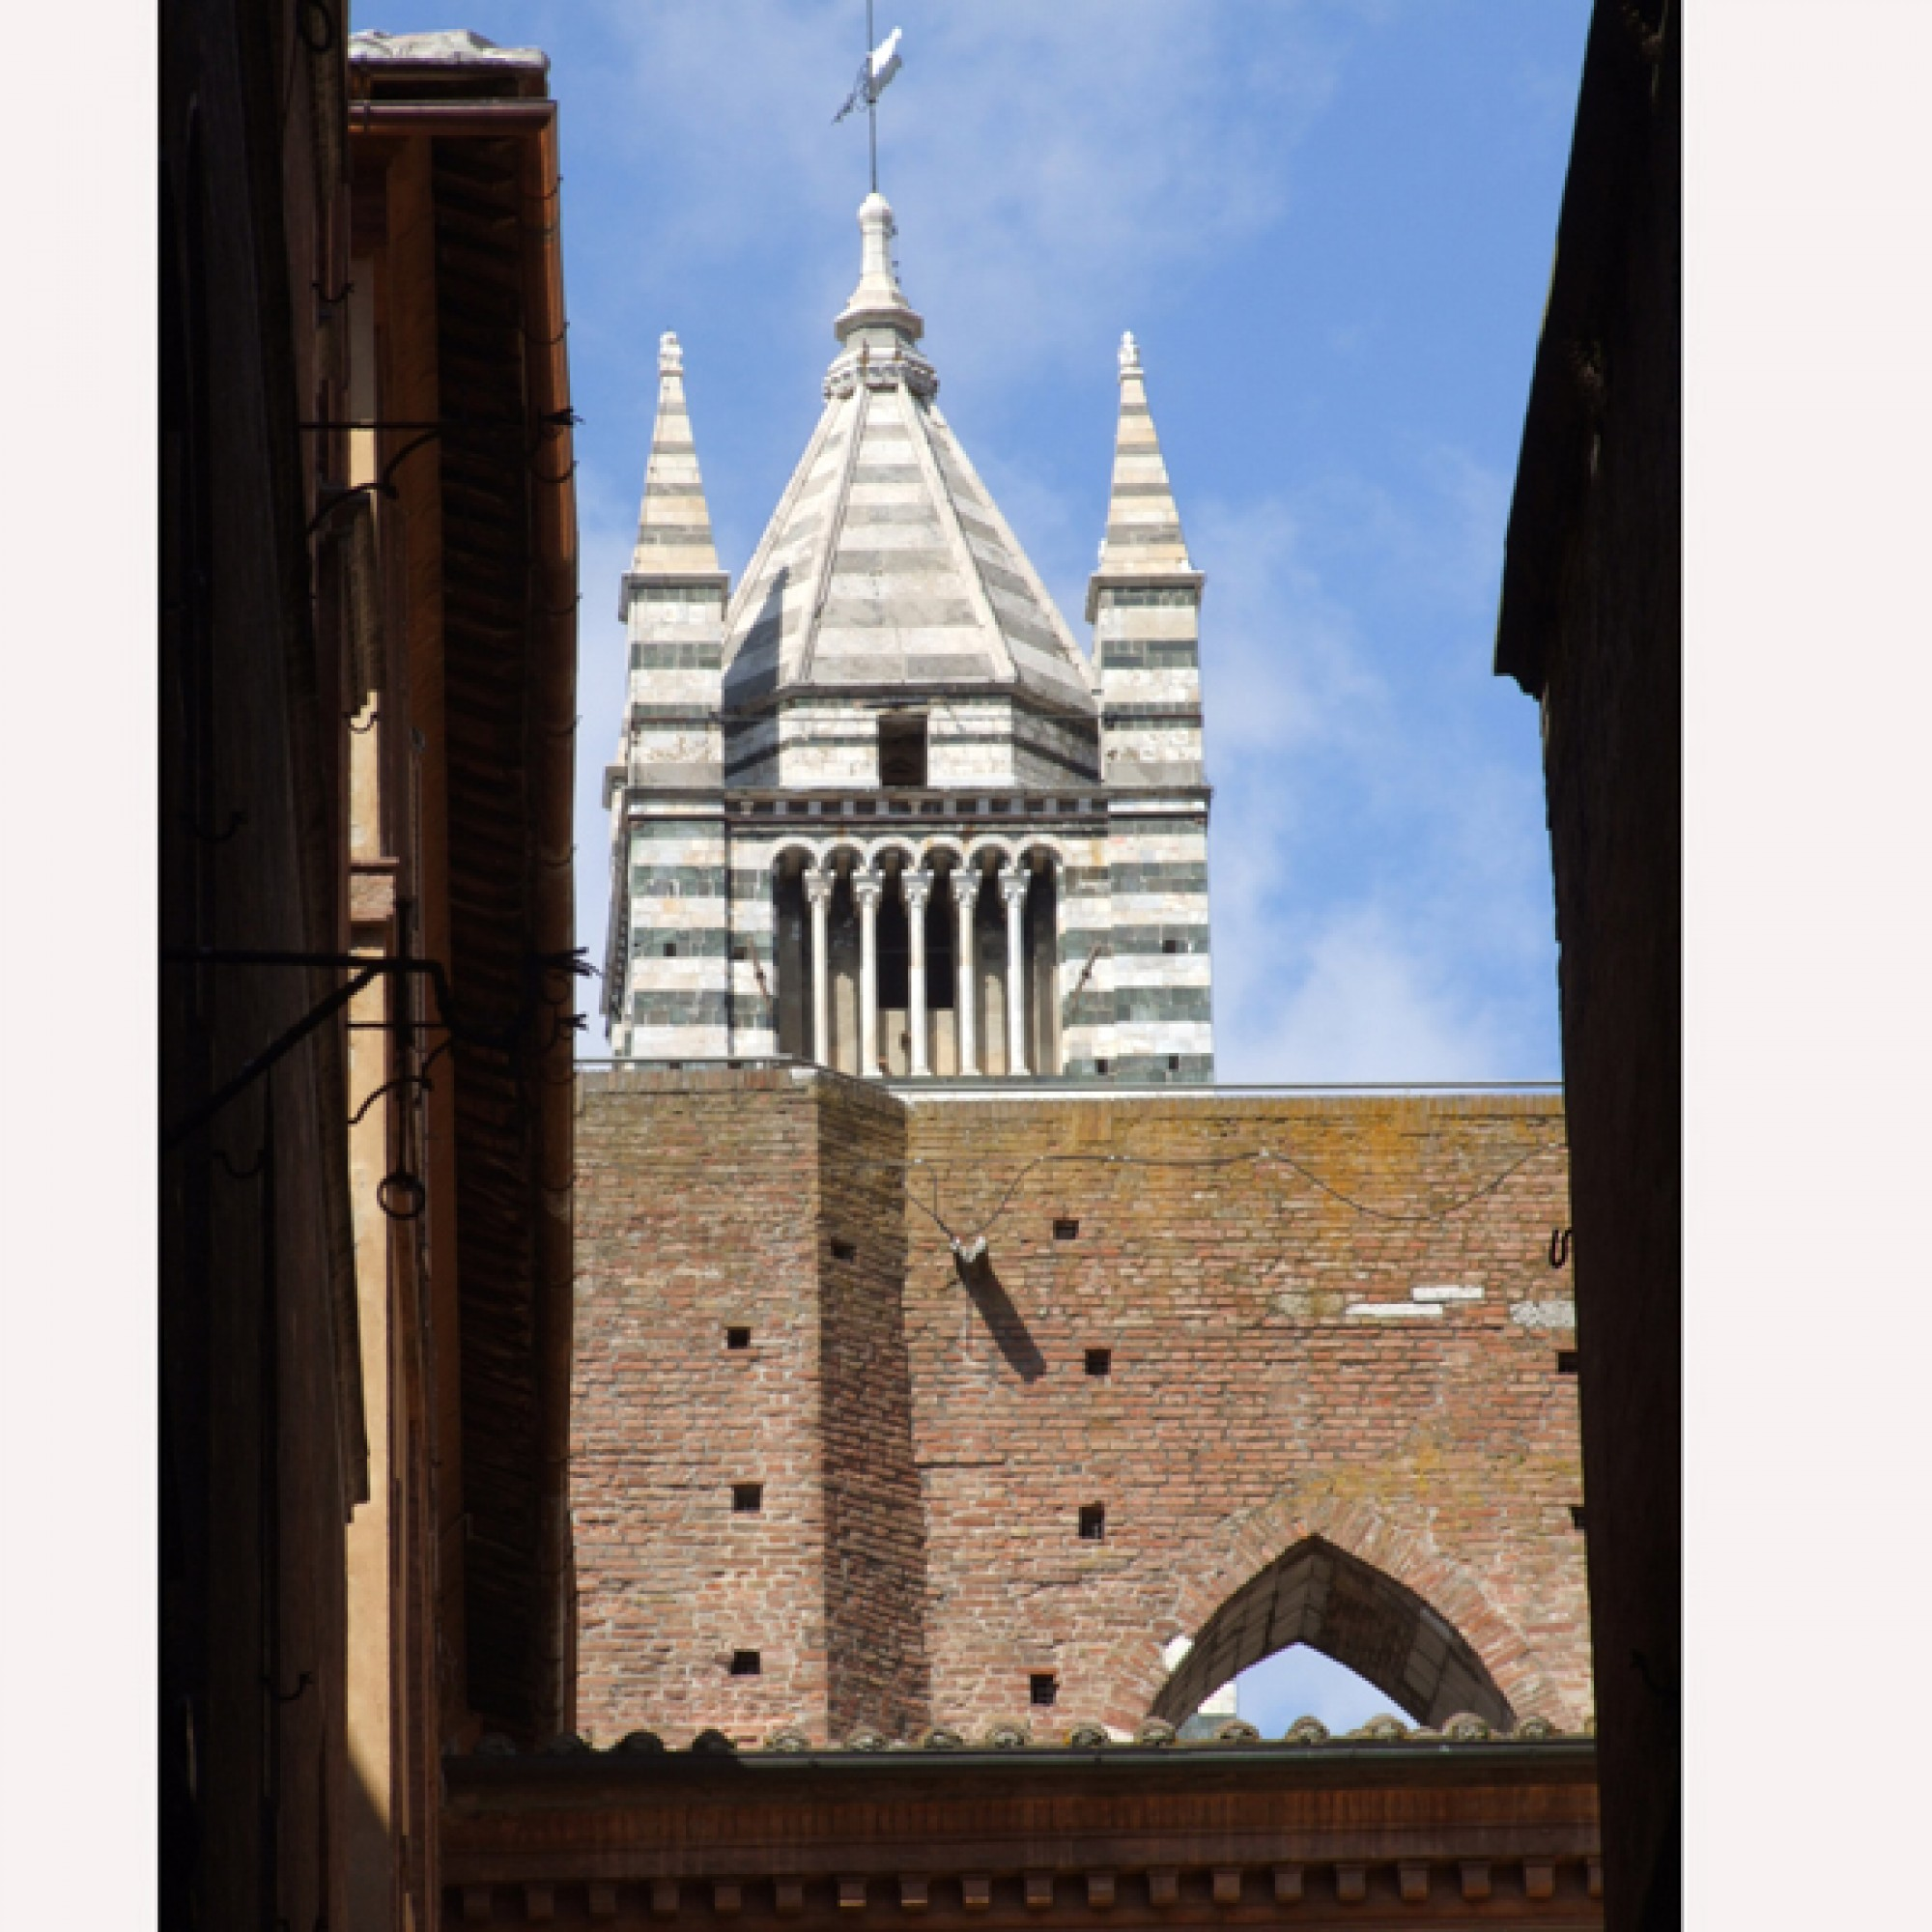 . Gut zwei Millionen Euro werden für die Restaurierung der antiken Stadtmauer von Siena benötigt. (Foto: Jens Bredehorn-Pixelio))